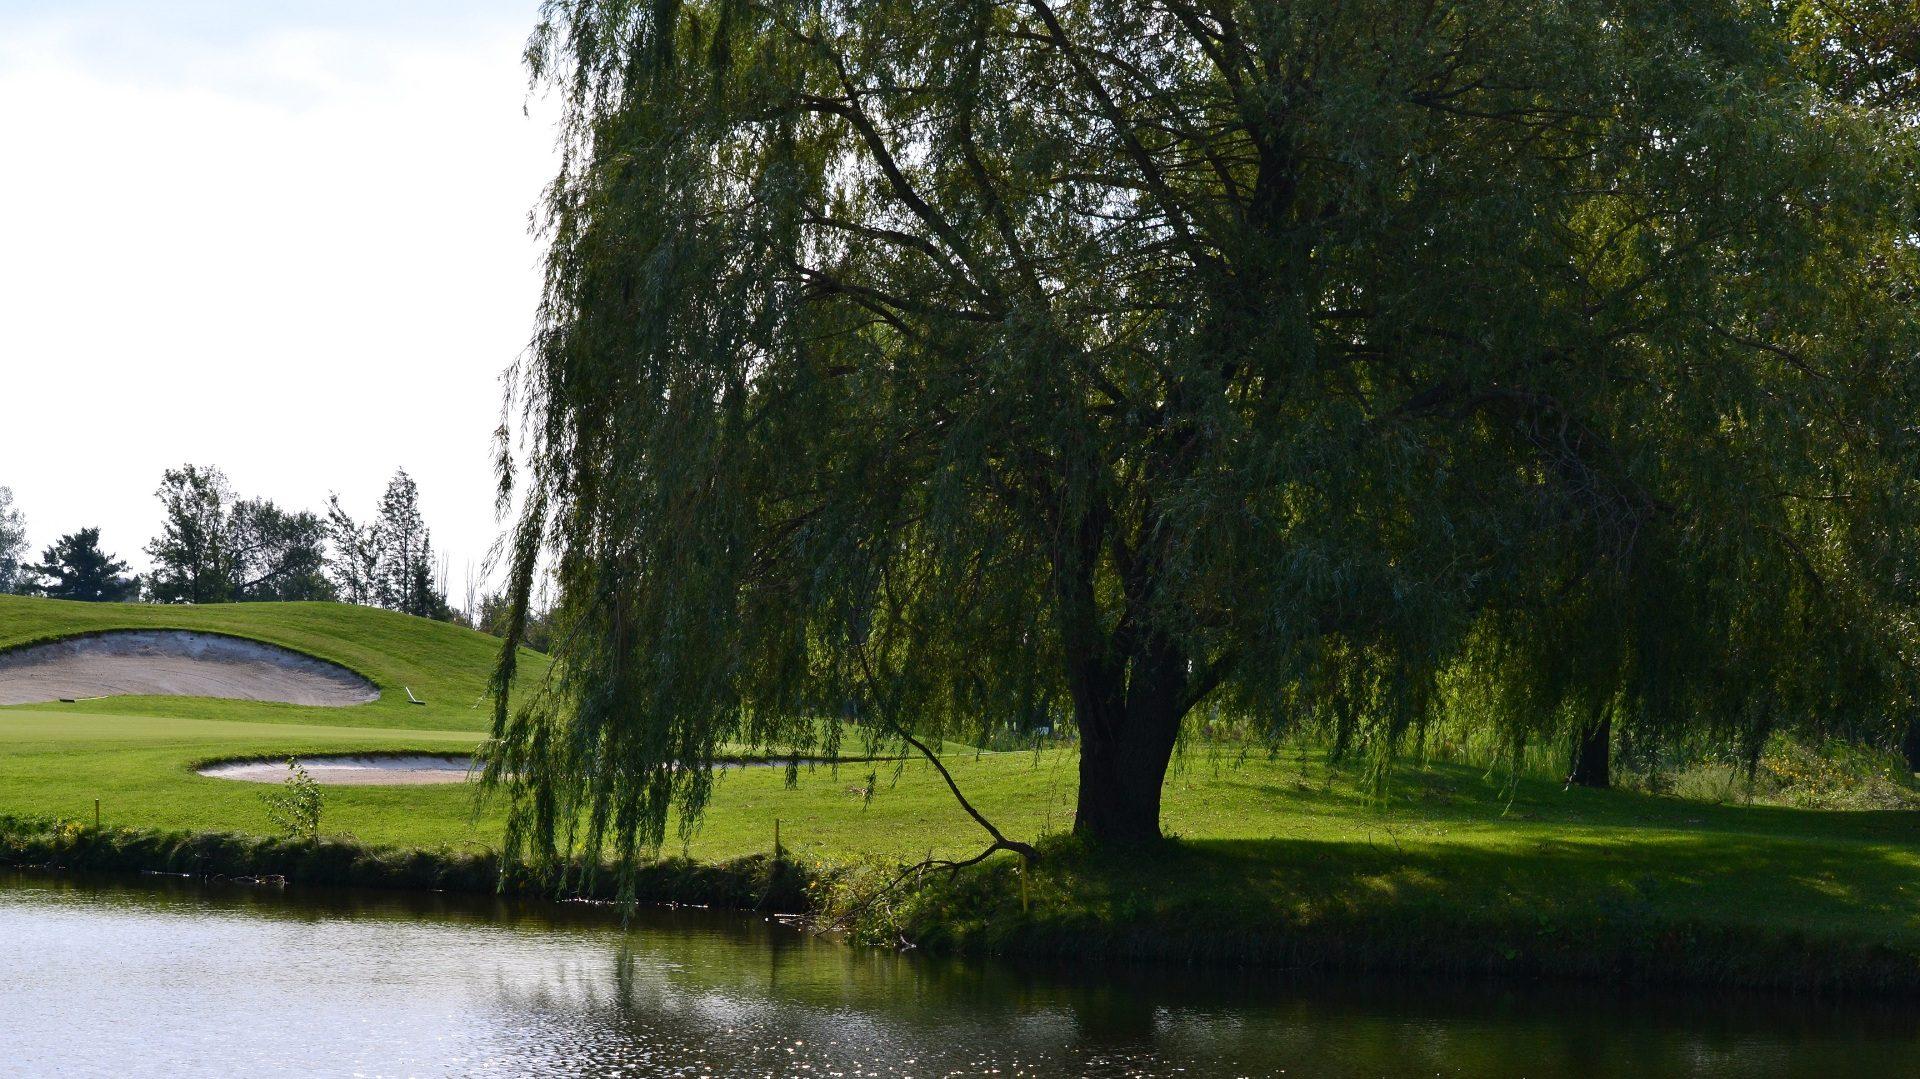 Club de Golf Napierville